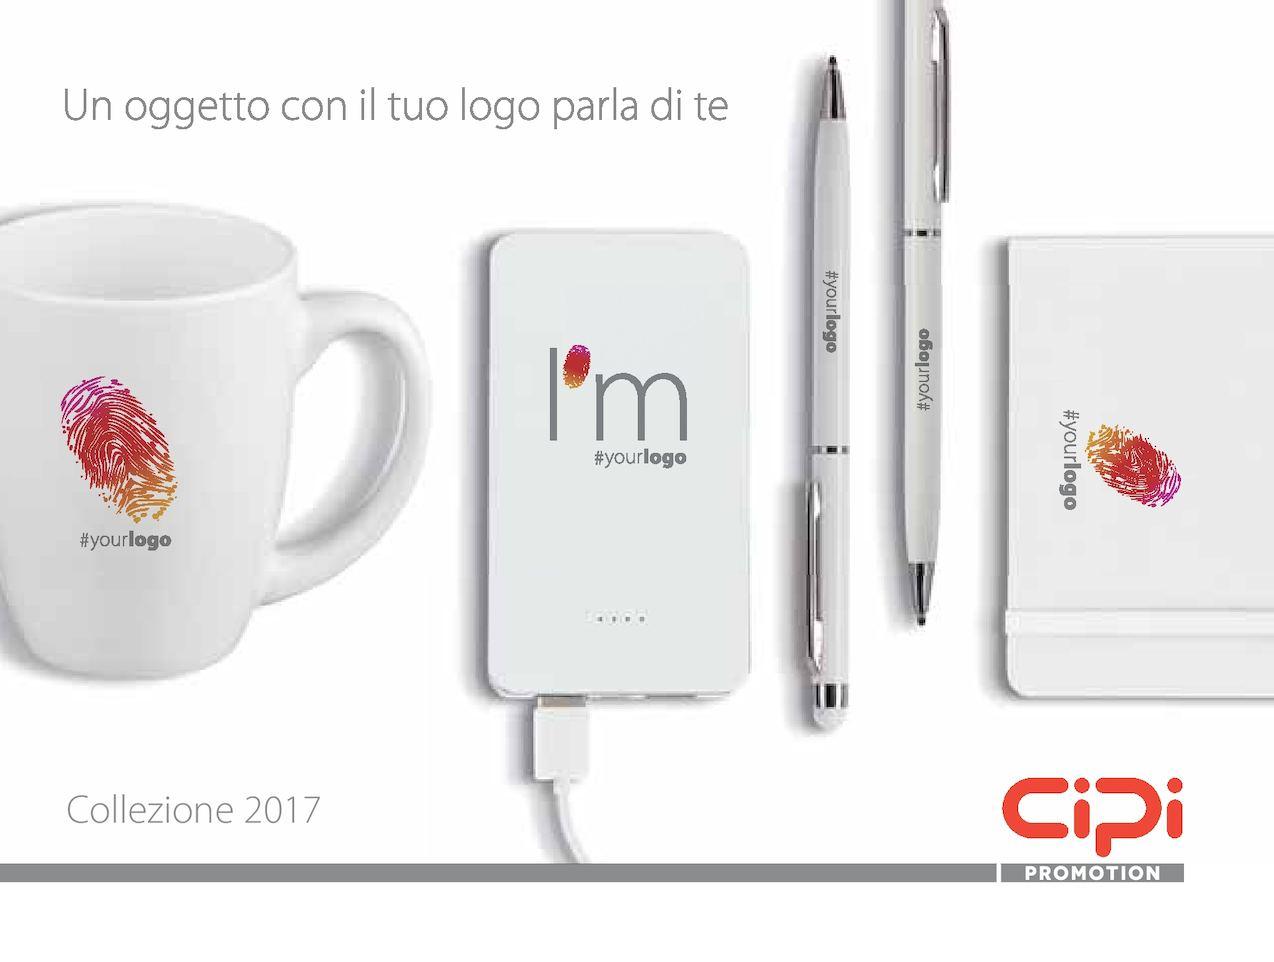 491dbd8c16 Calaméo - Catalogo Cipi 2017 - Articoli Promozionali e Regali Aziendali